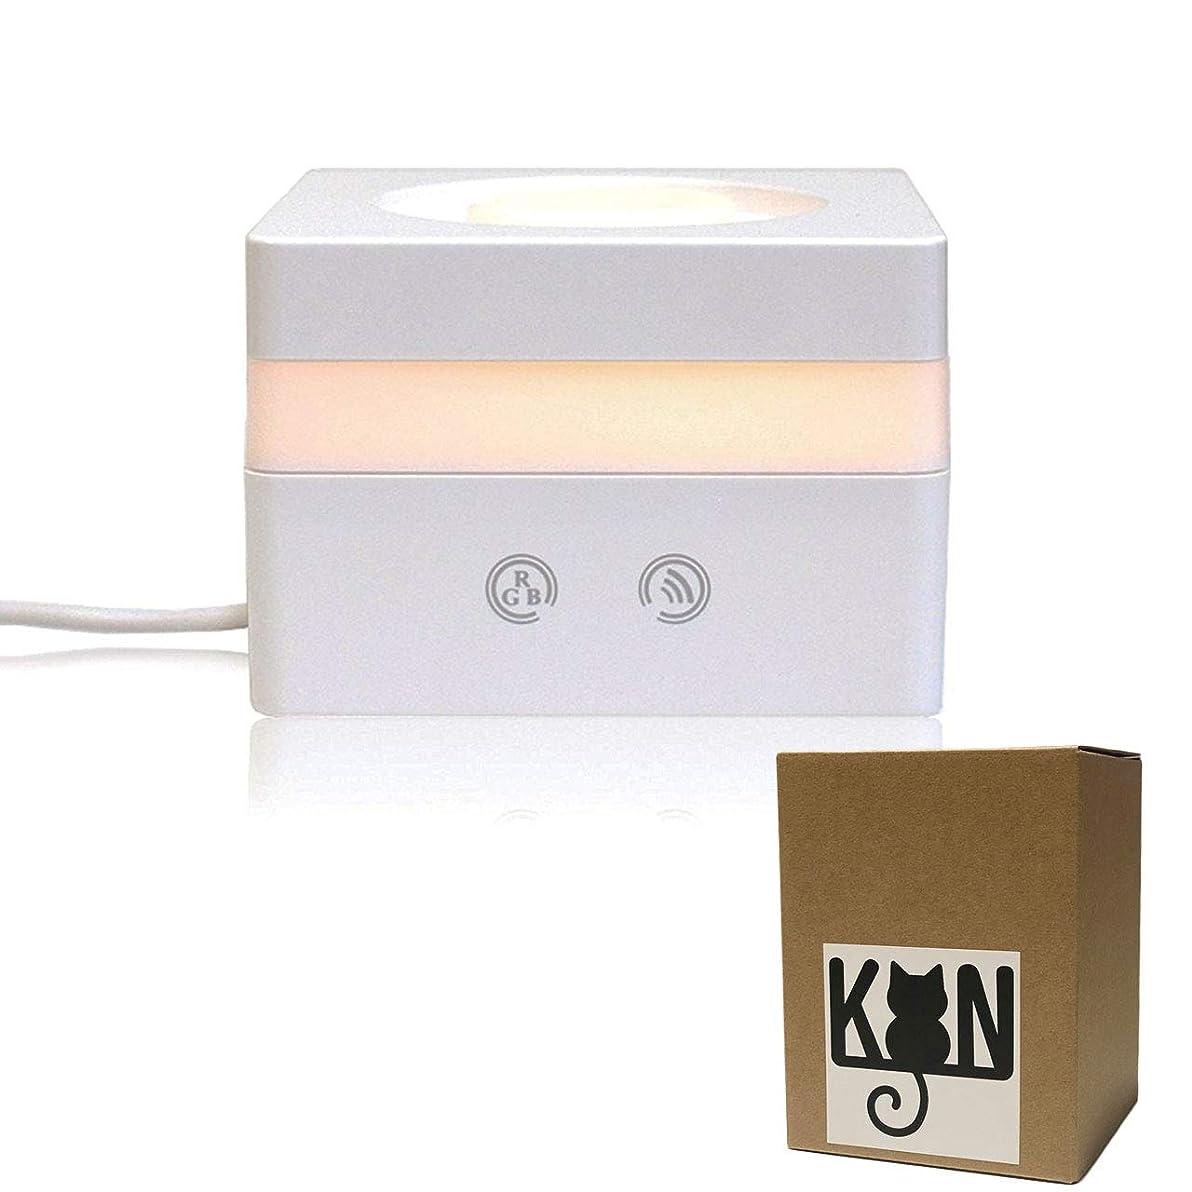 遷移ベーリング海峡ボードKON アロマディフューザー 超音波式 アロマ加湿器 卓上 アロマ ムードランプ 七色変換LEDライト USB給電式 空焚き防止機能 卓上加湿器 キューブ型